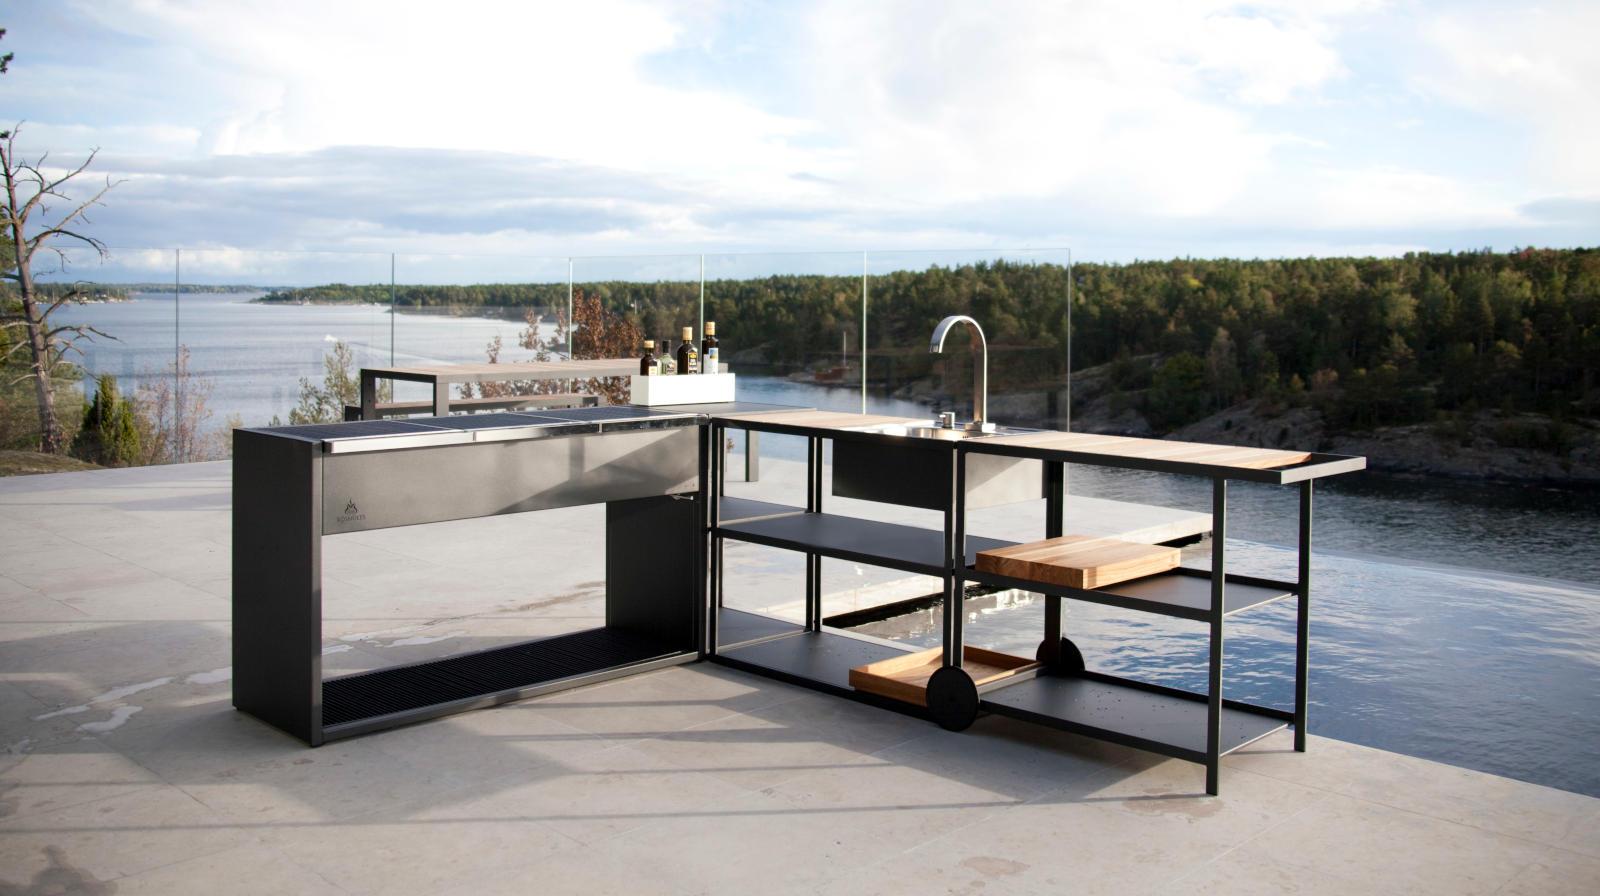 Outdoor Küche Ohne Wasseranschluss : Modul outdoor küche für den garten und die terrasse seite